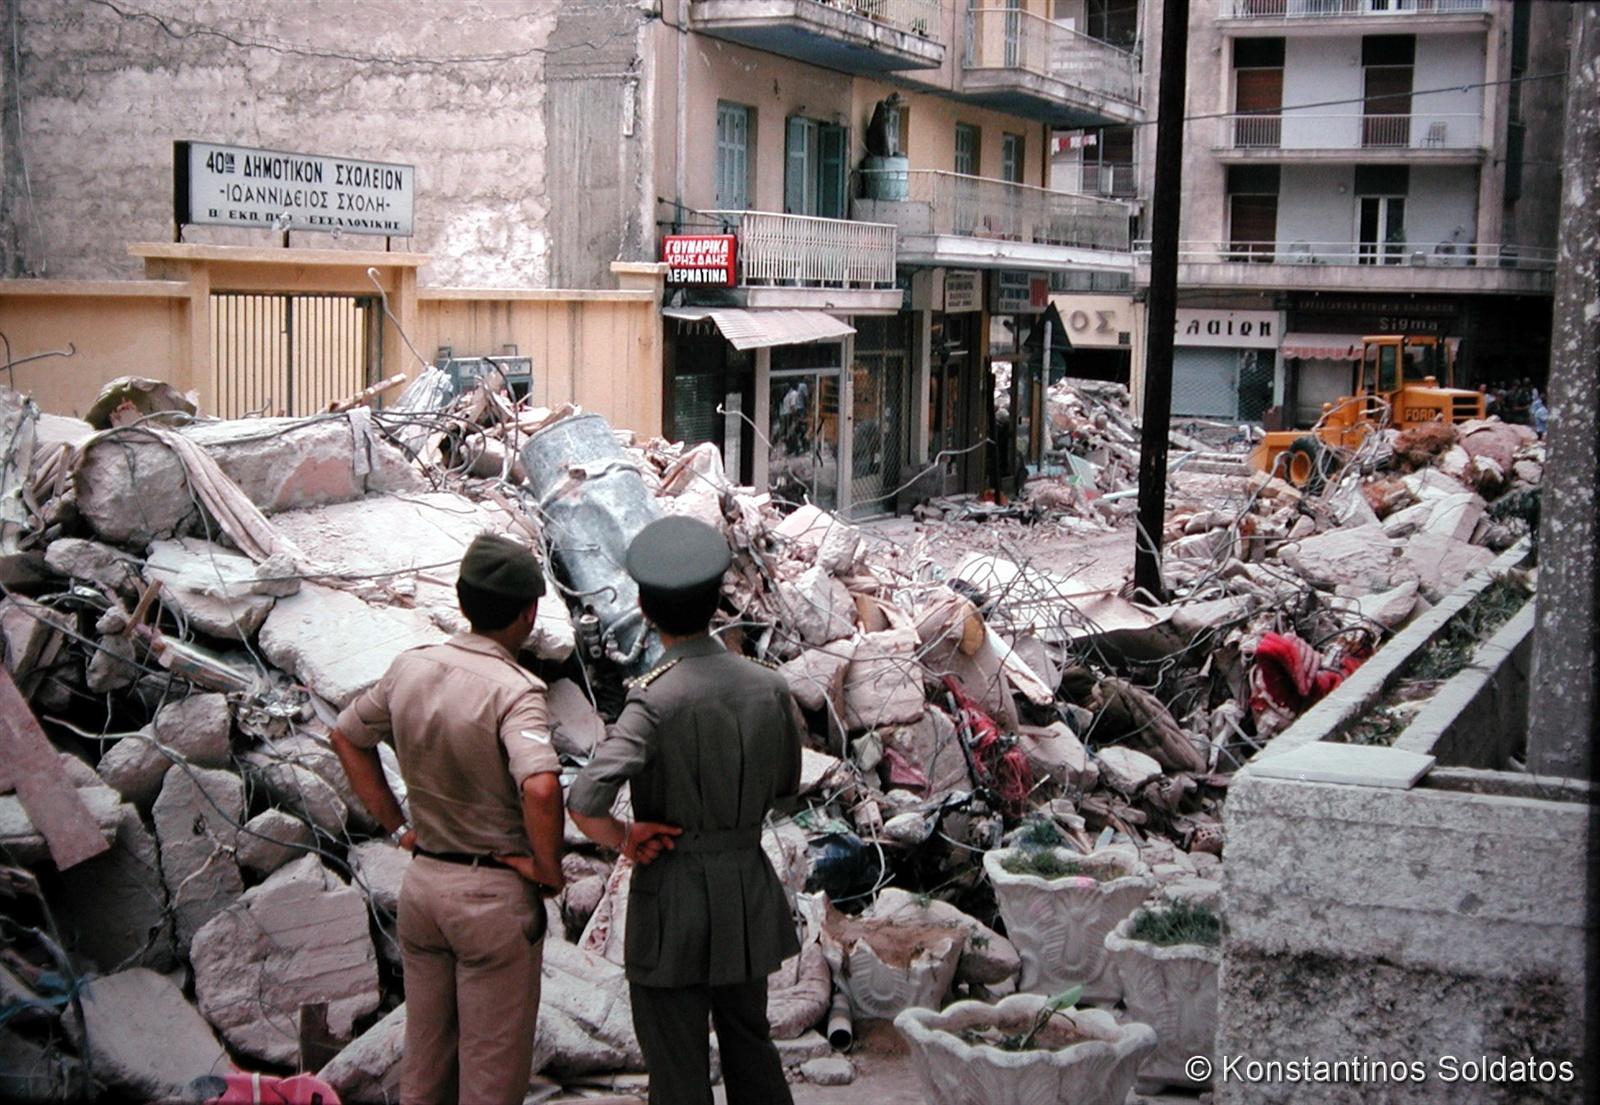 Τα ερείπια της μοιραίας πολυκατοικίας στην Πλατεία Ιπποδρομίου (το σημερινό Κέντρο Ιστορίας Θεσσαλονίκης). Οδός Μανουσογιαννάκη.